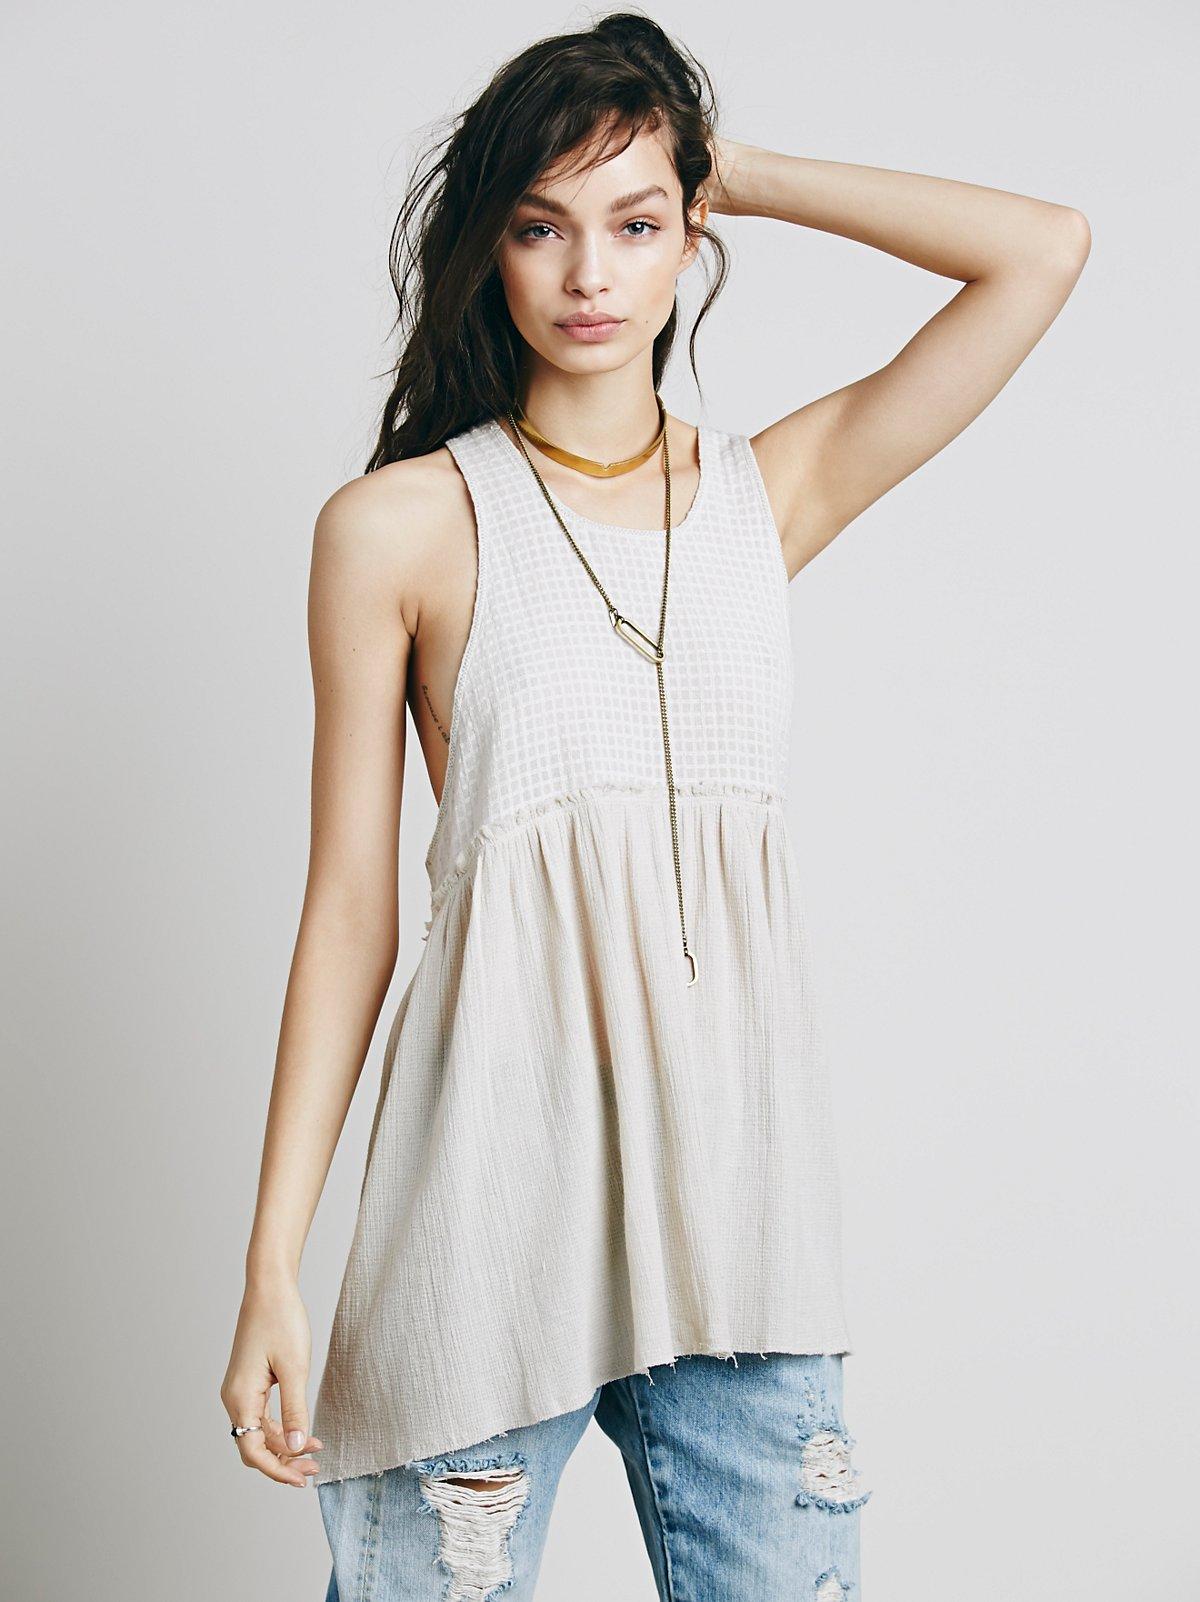 无袖混合面料裙衫